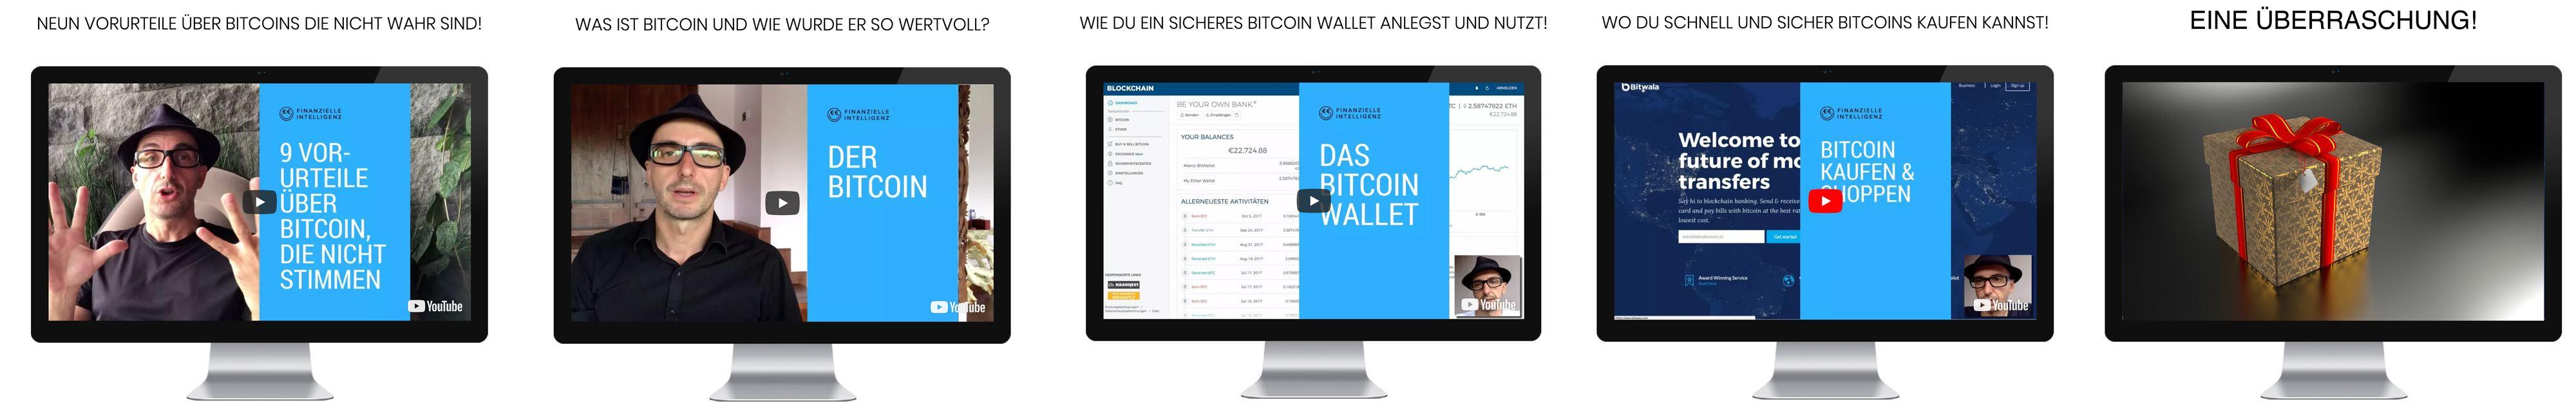 Kostenloser Videokurs zu Bitcoin